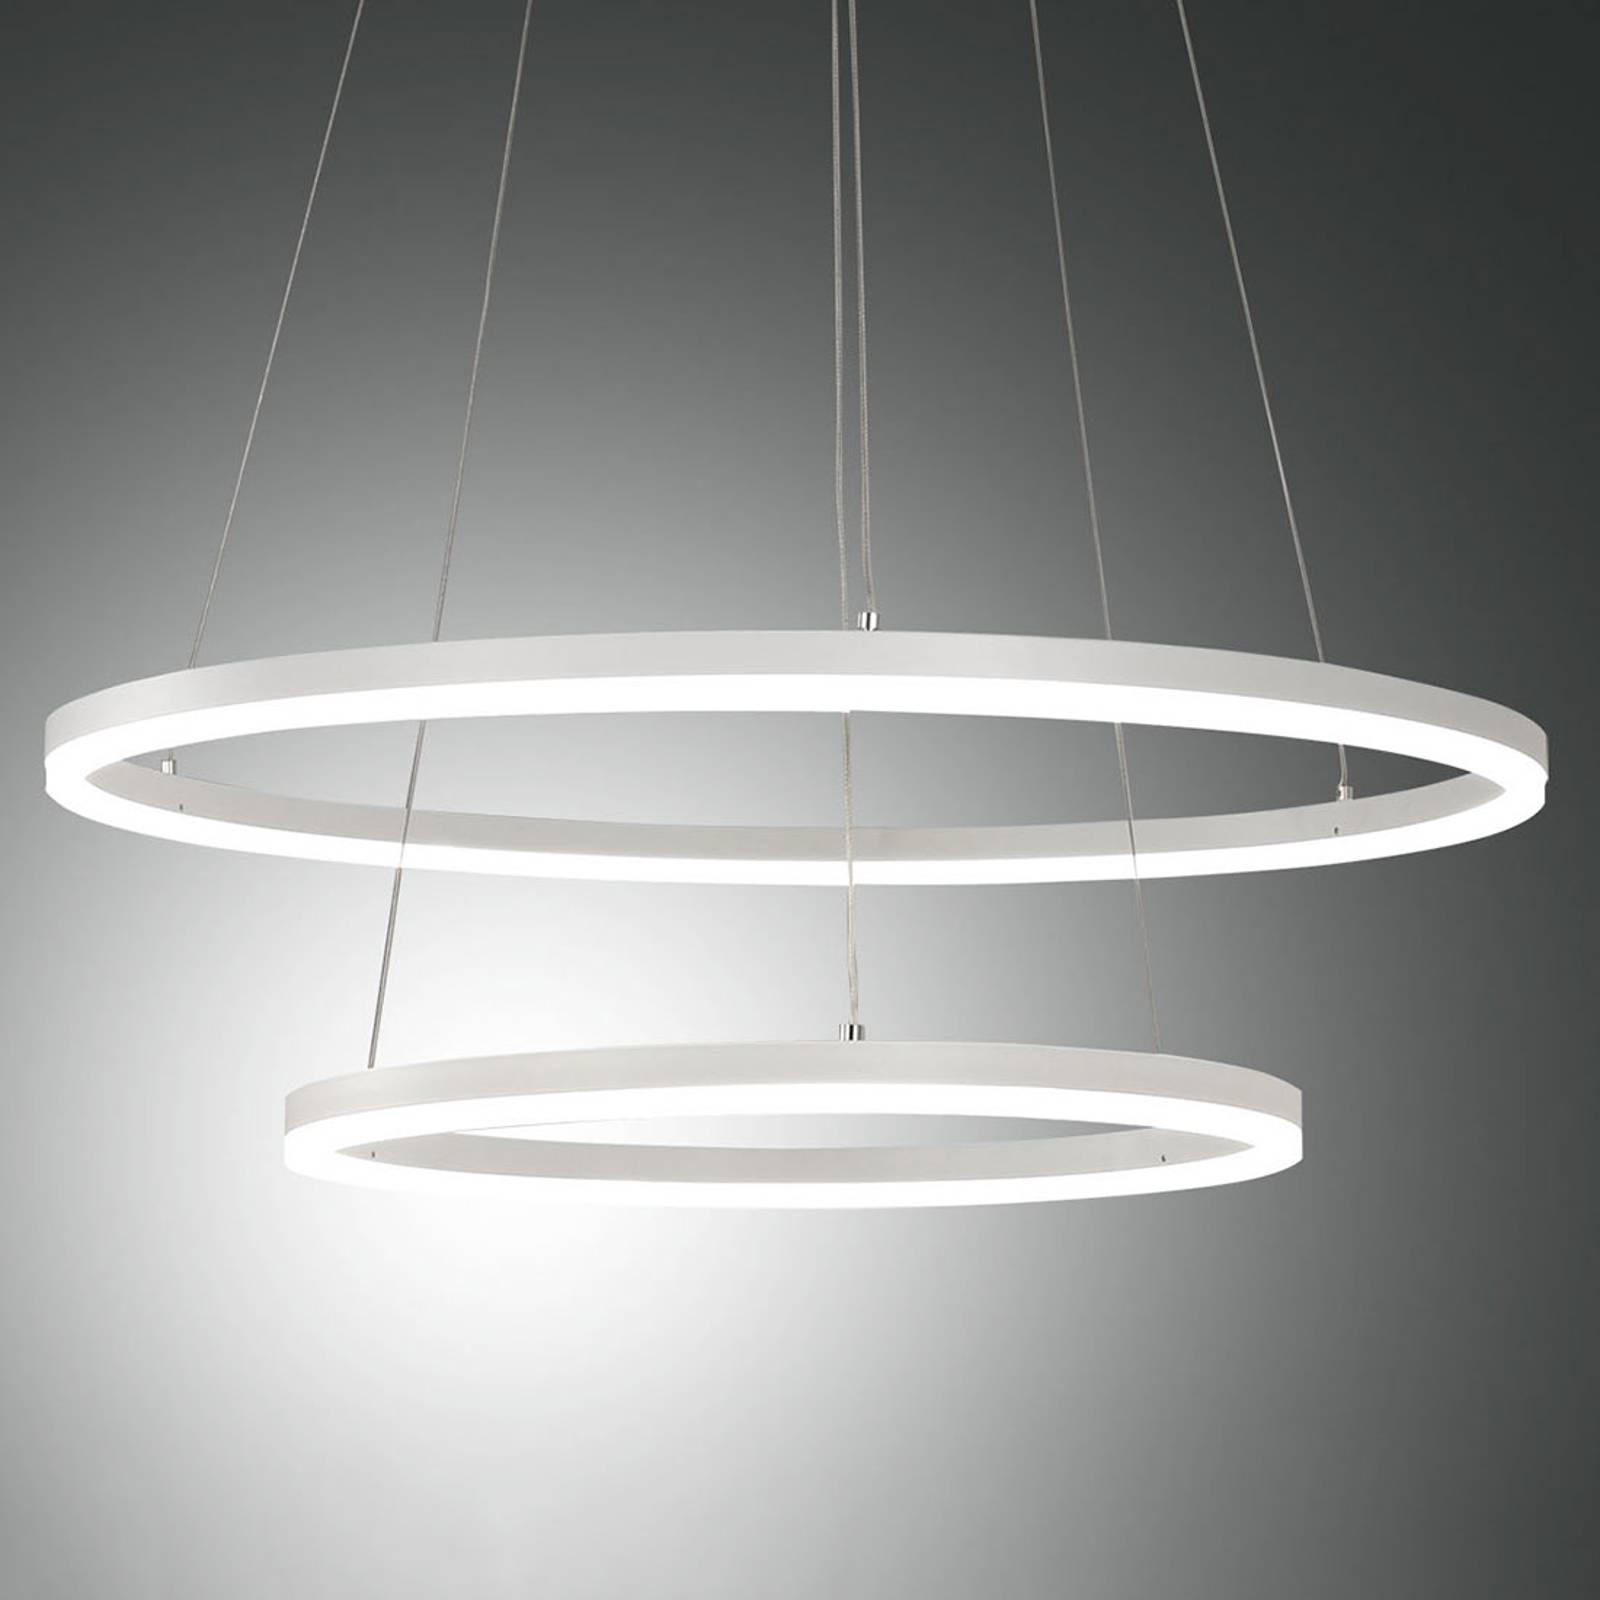 LED-riippuvalaisin Giotto, 2-lamppuinen, valkoinen